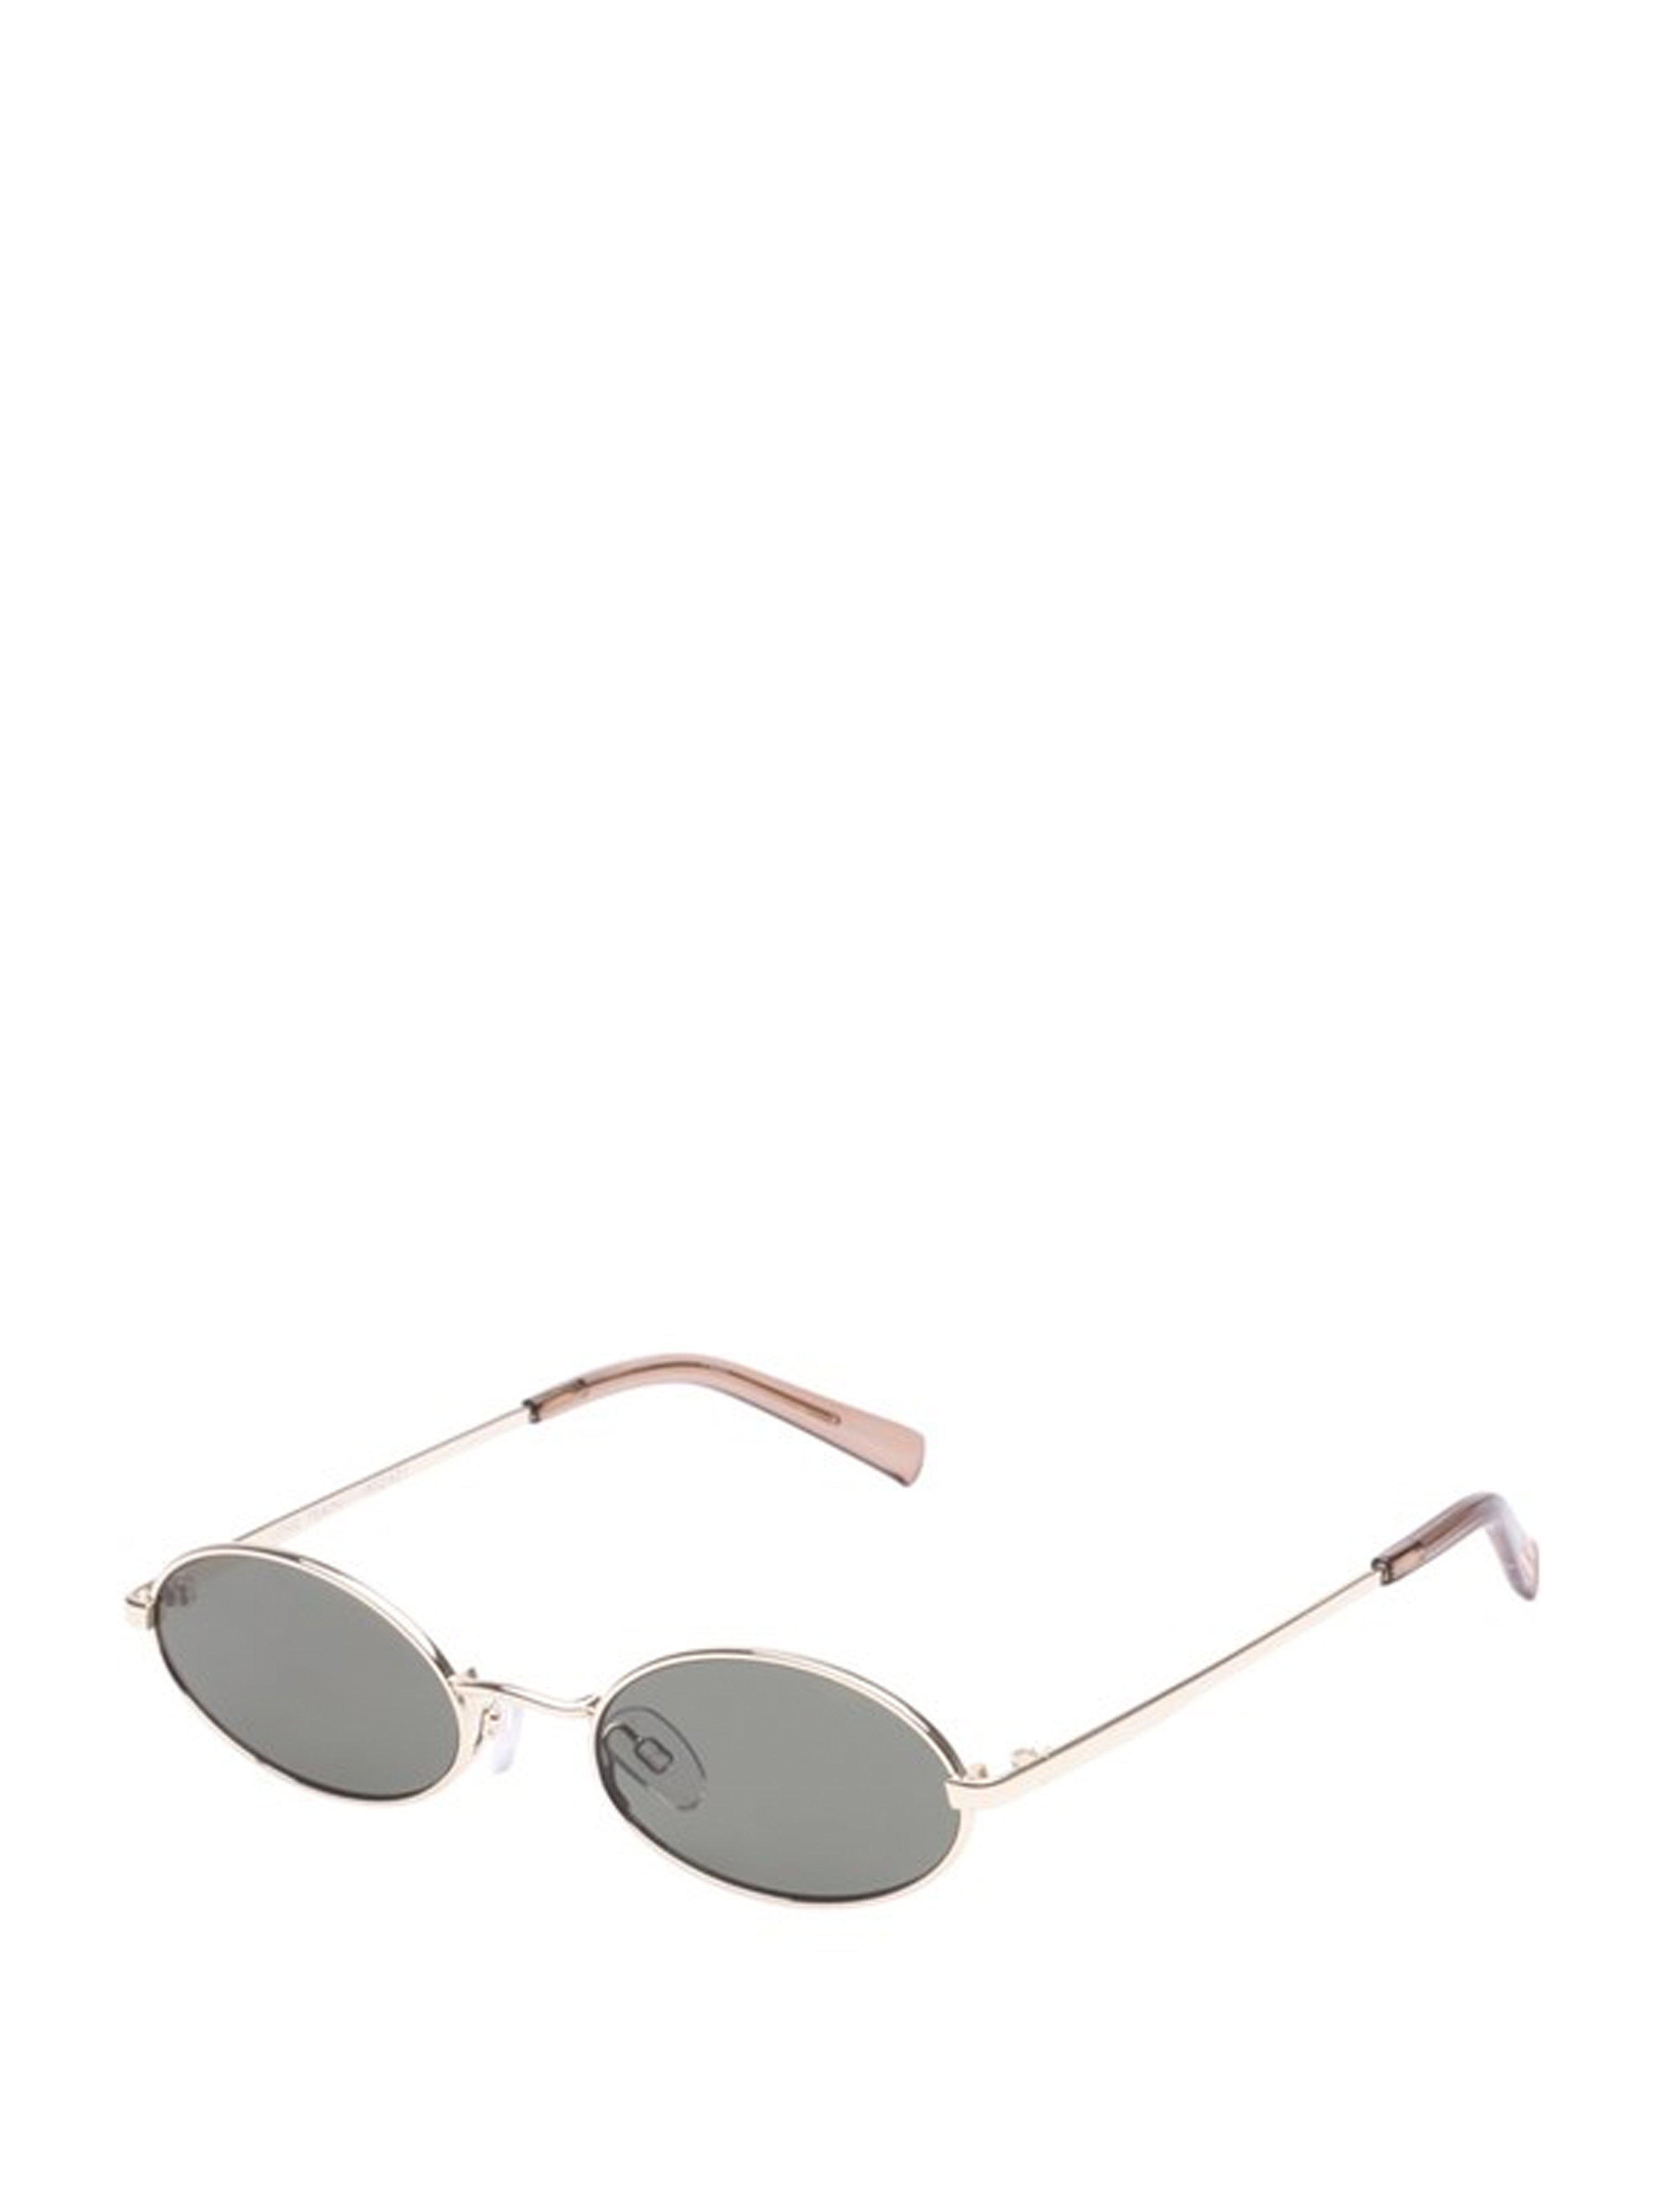 24529fa92c65 Lyst - Le Specs Love Train Sunglasses